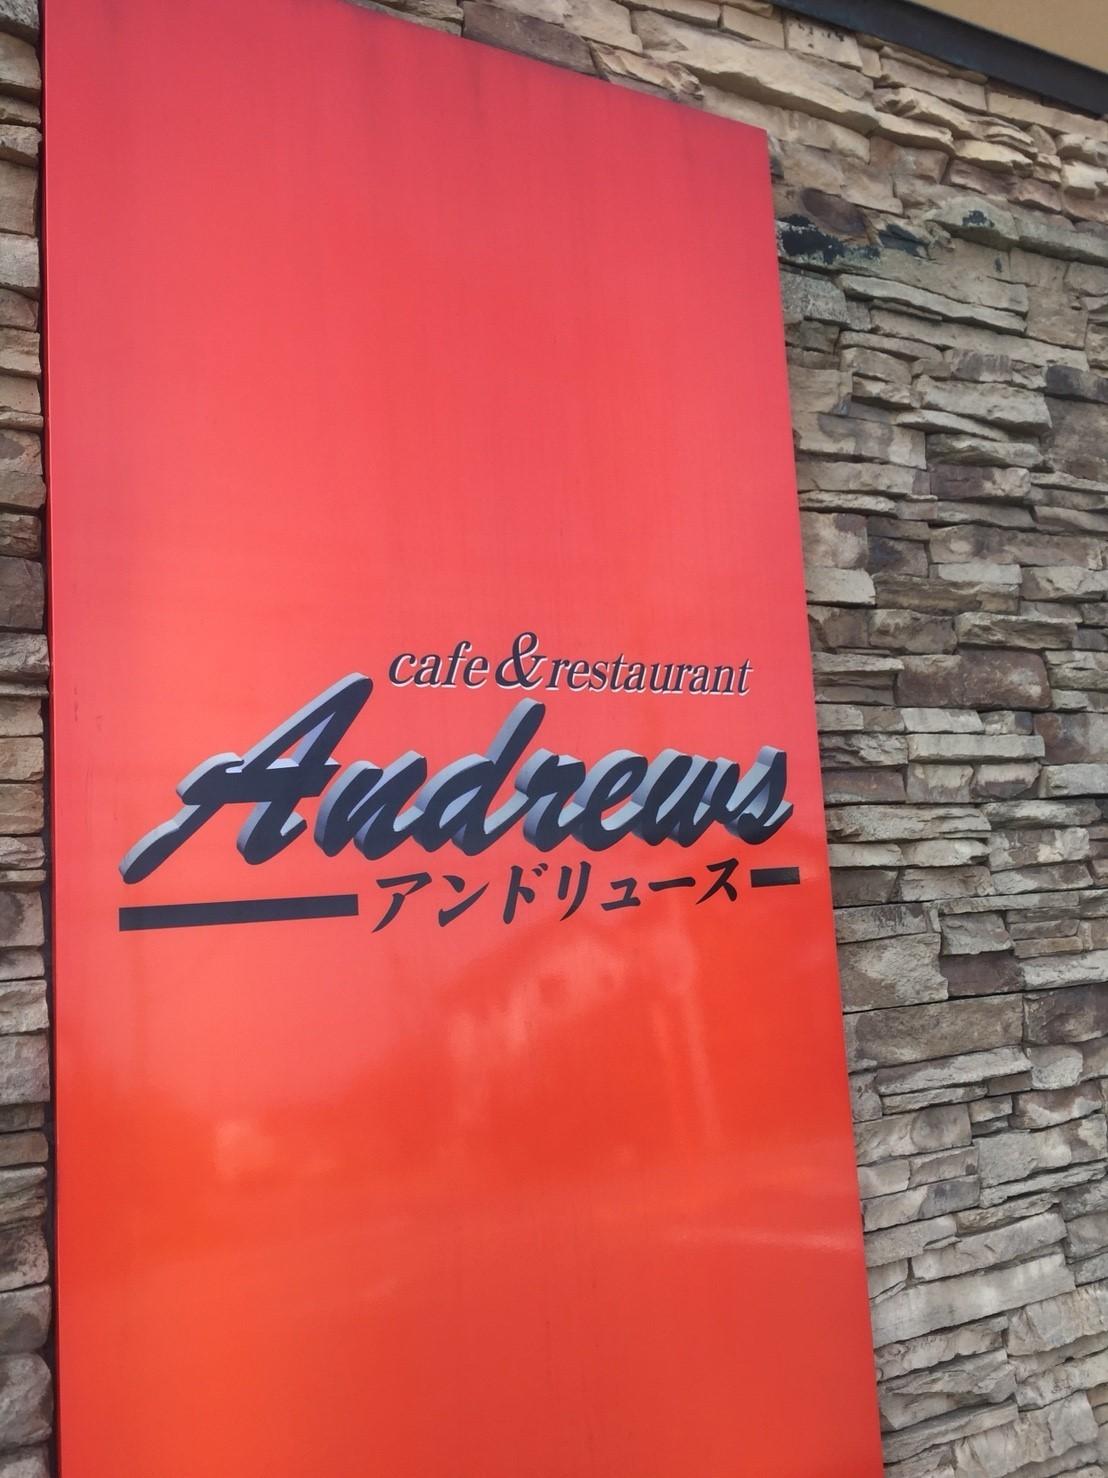 cafe & restaurant アンドリュース  ランチ  ミックスフライセット_e0115904_23454332.jpg